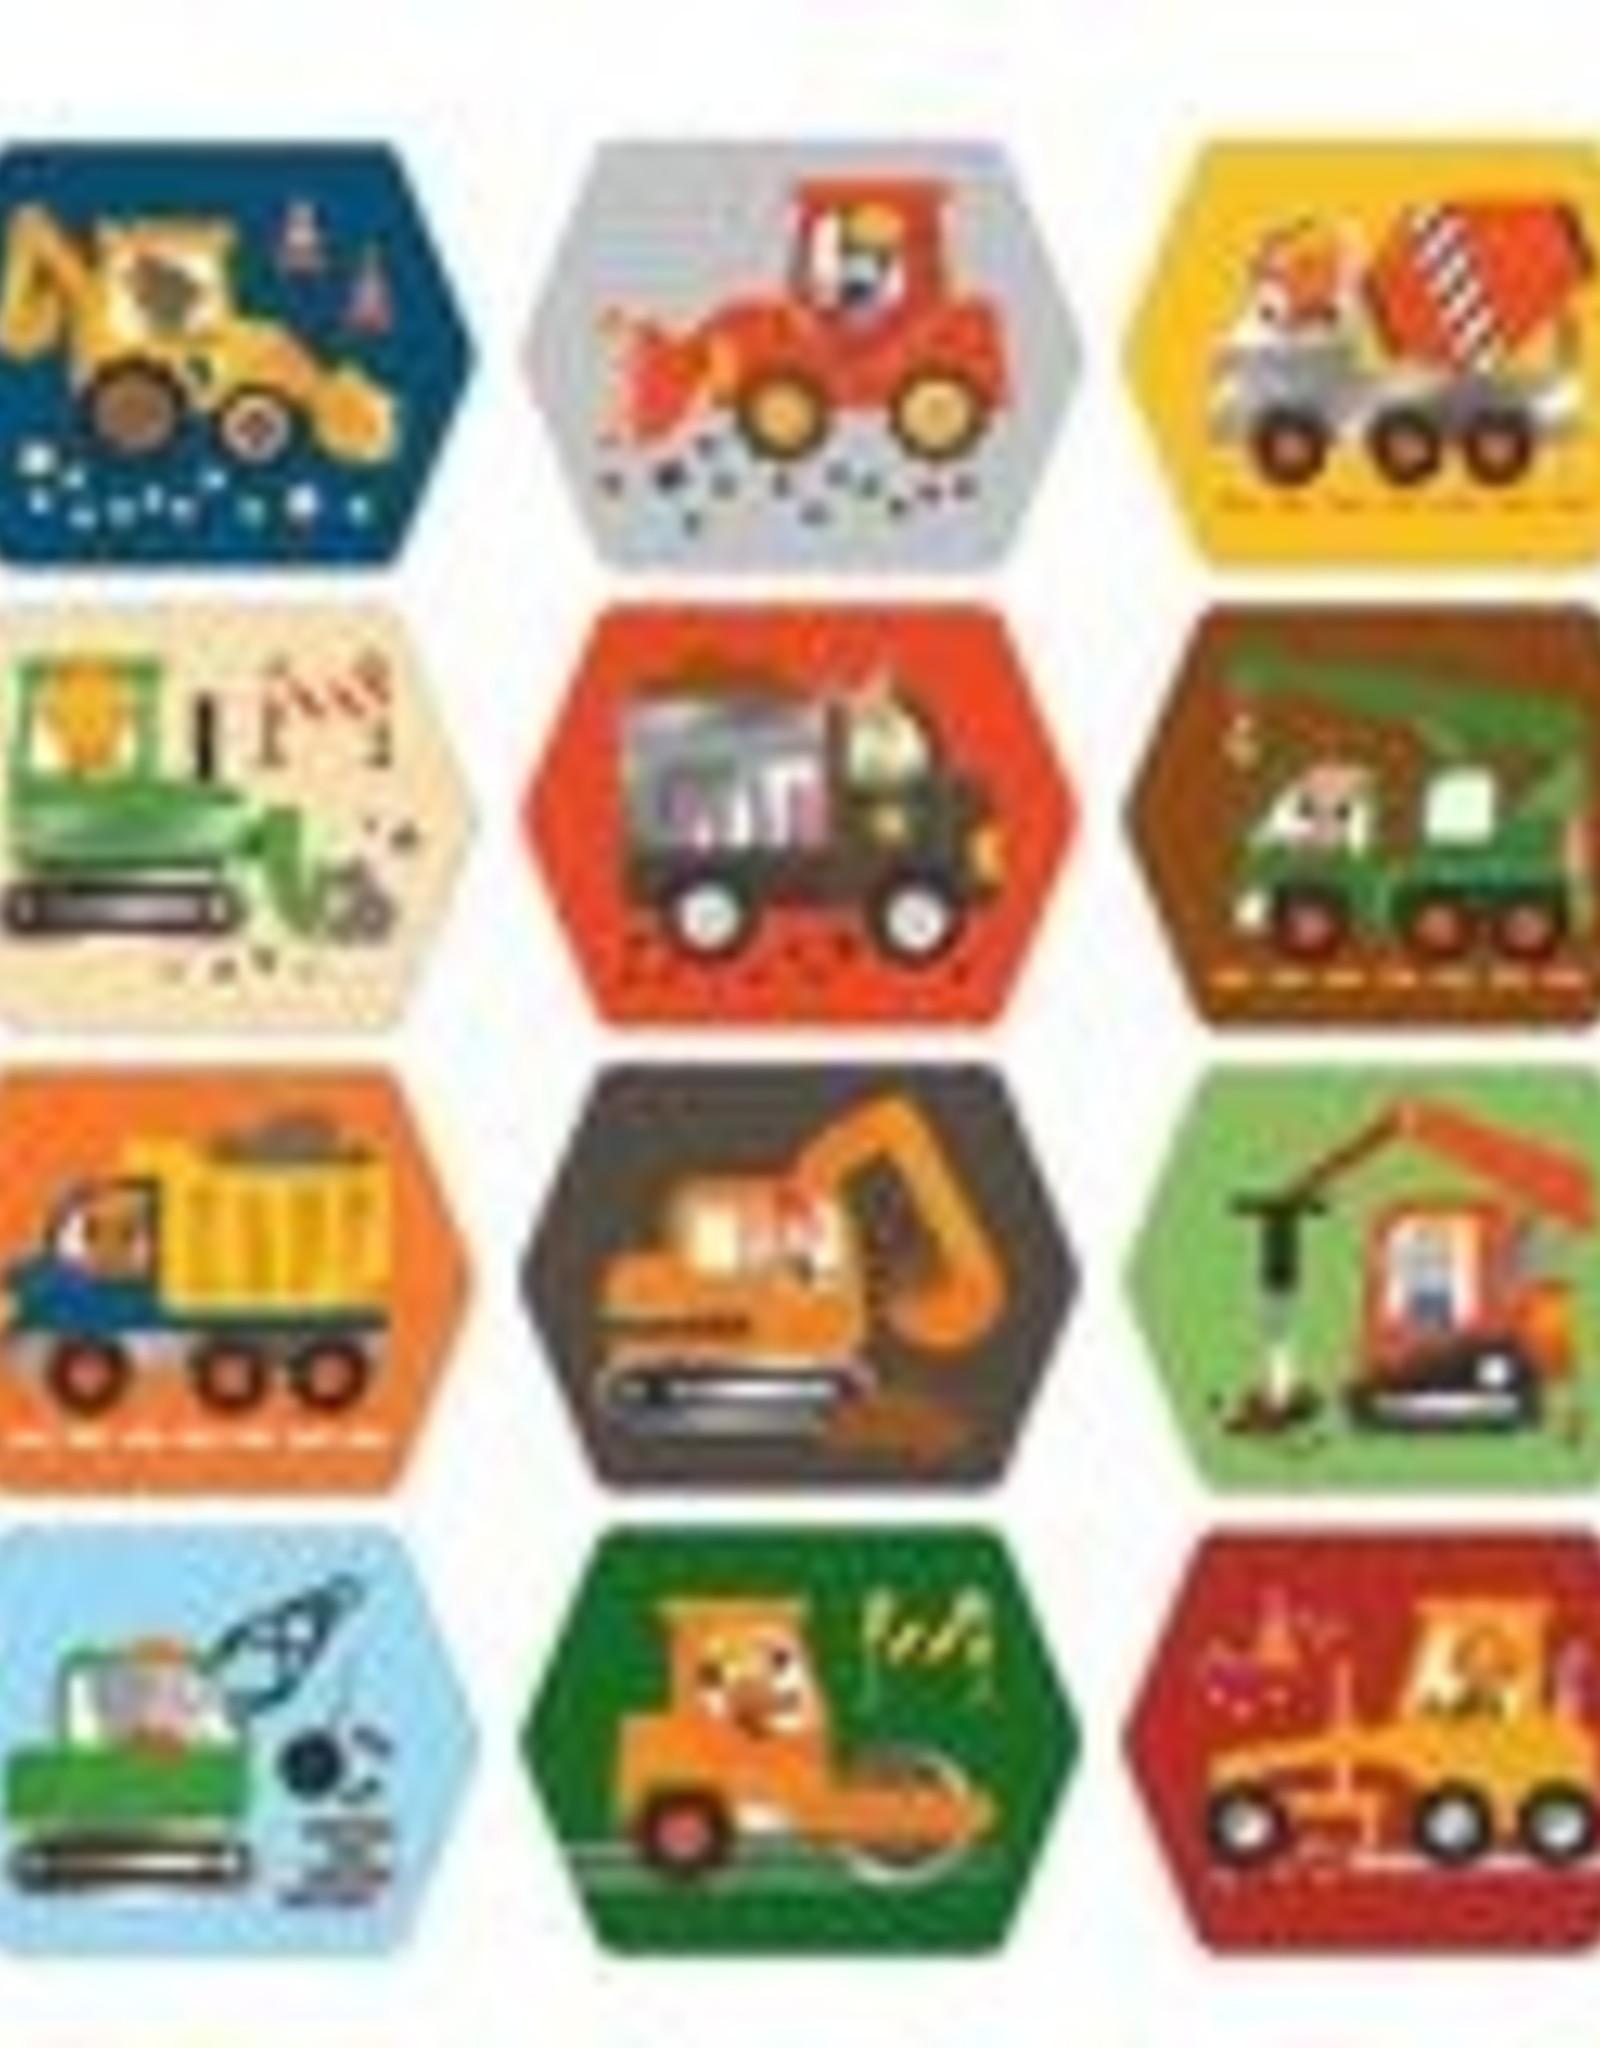 Petit Collage PTC150 Memo Game - Construction